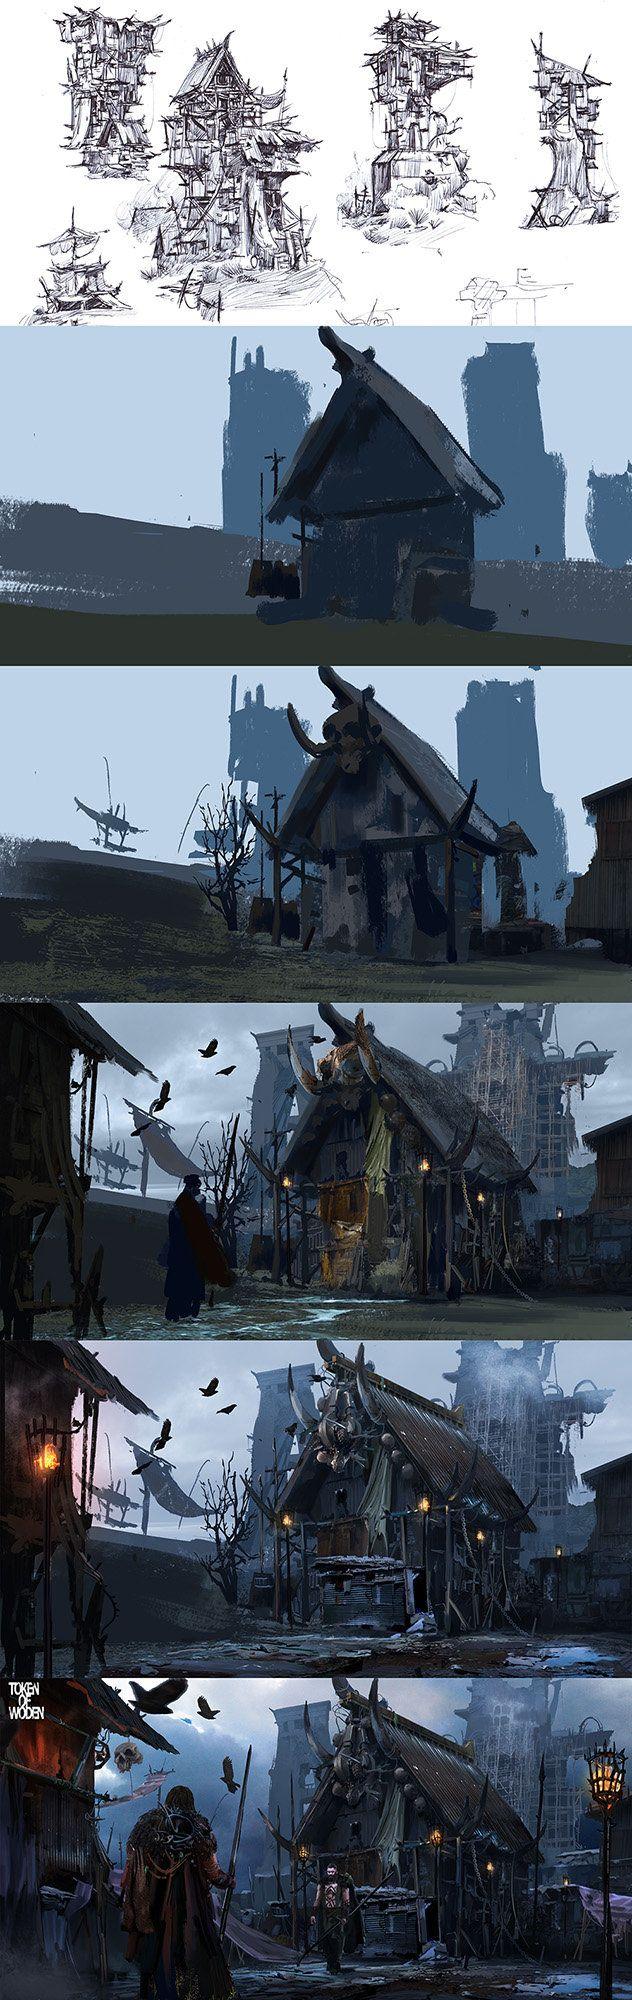 Token of Woden Concept_by Kunrong Yap_from ArtStation (https://www.artstation.com/artist/krypt)